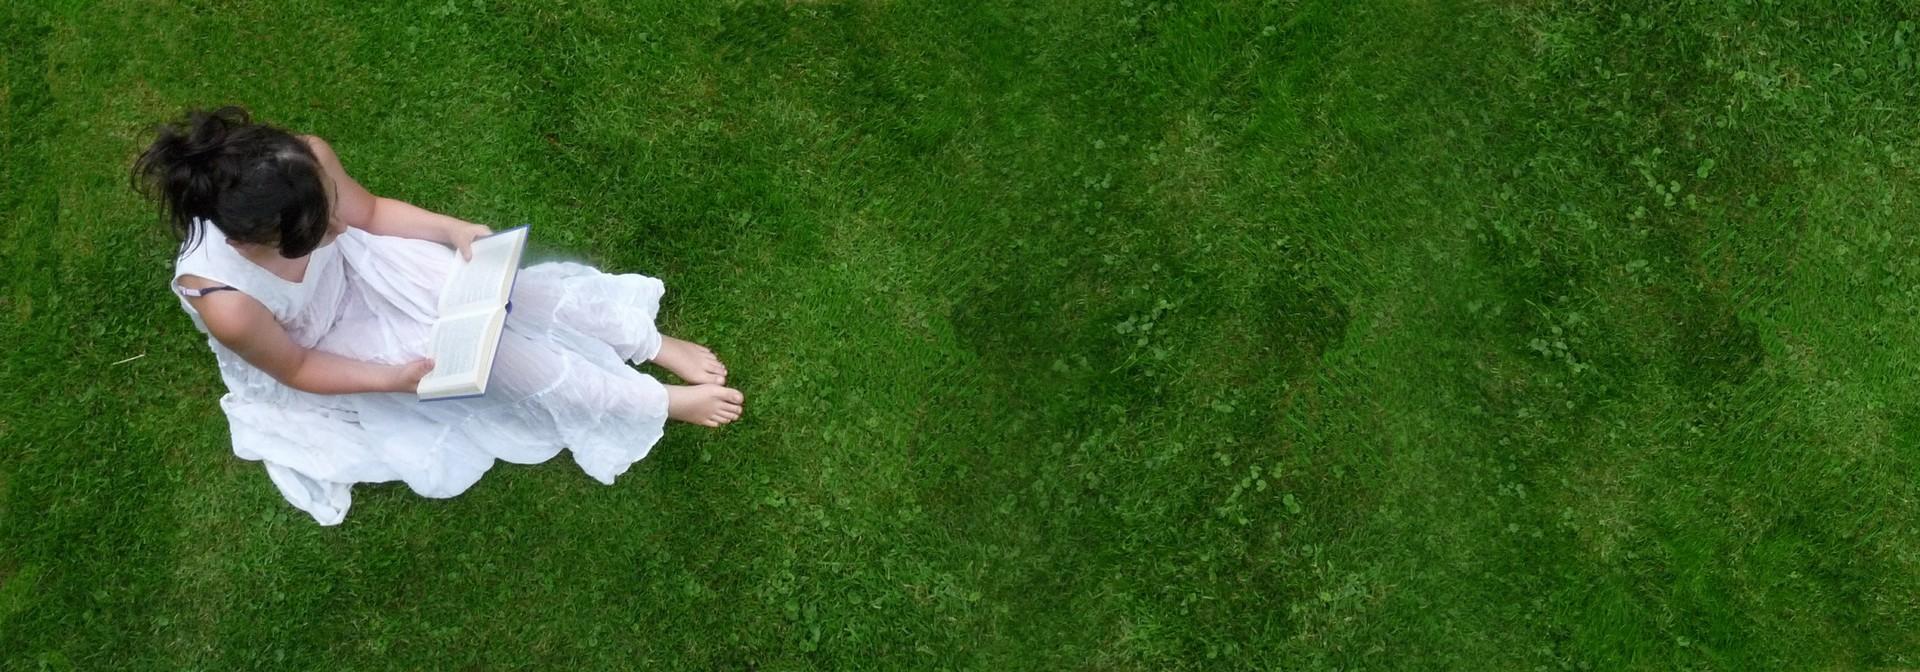 girl-among-grass